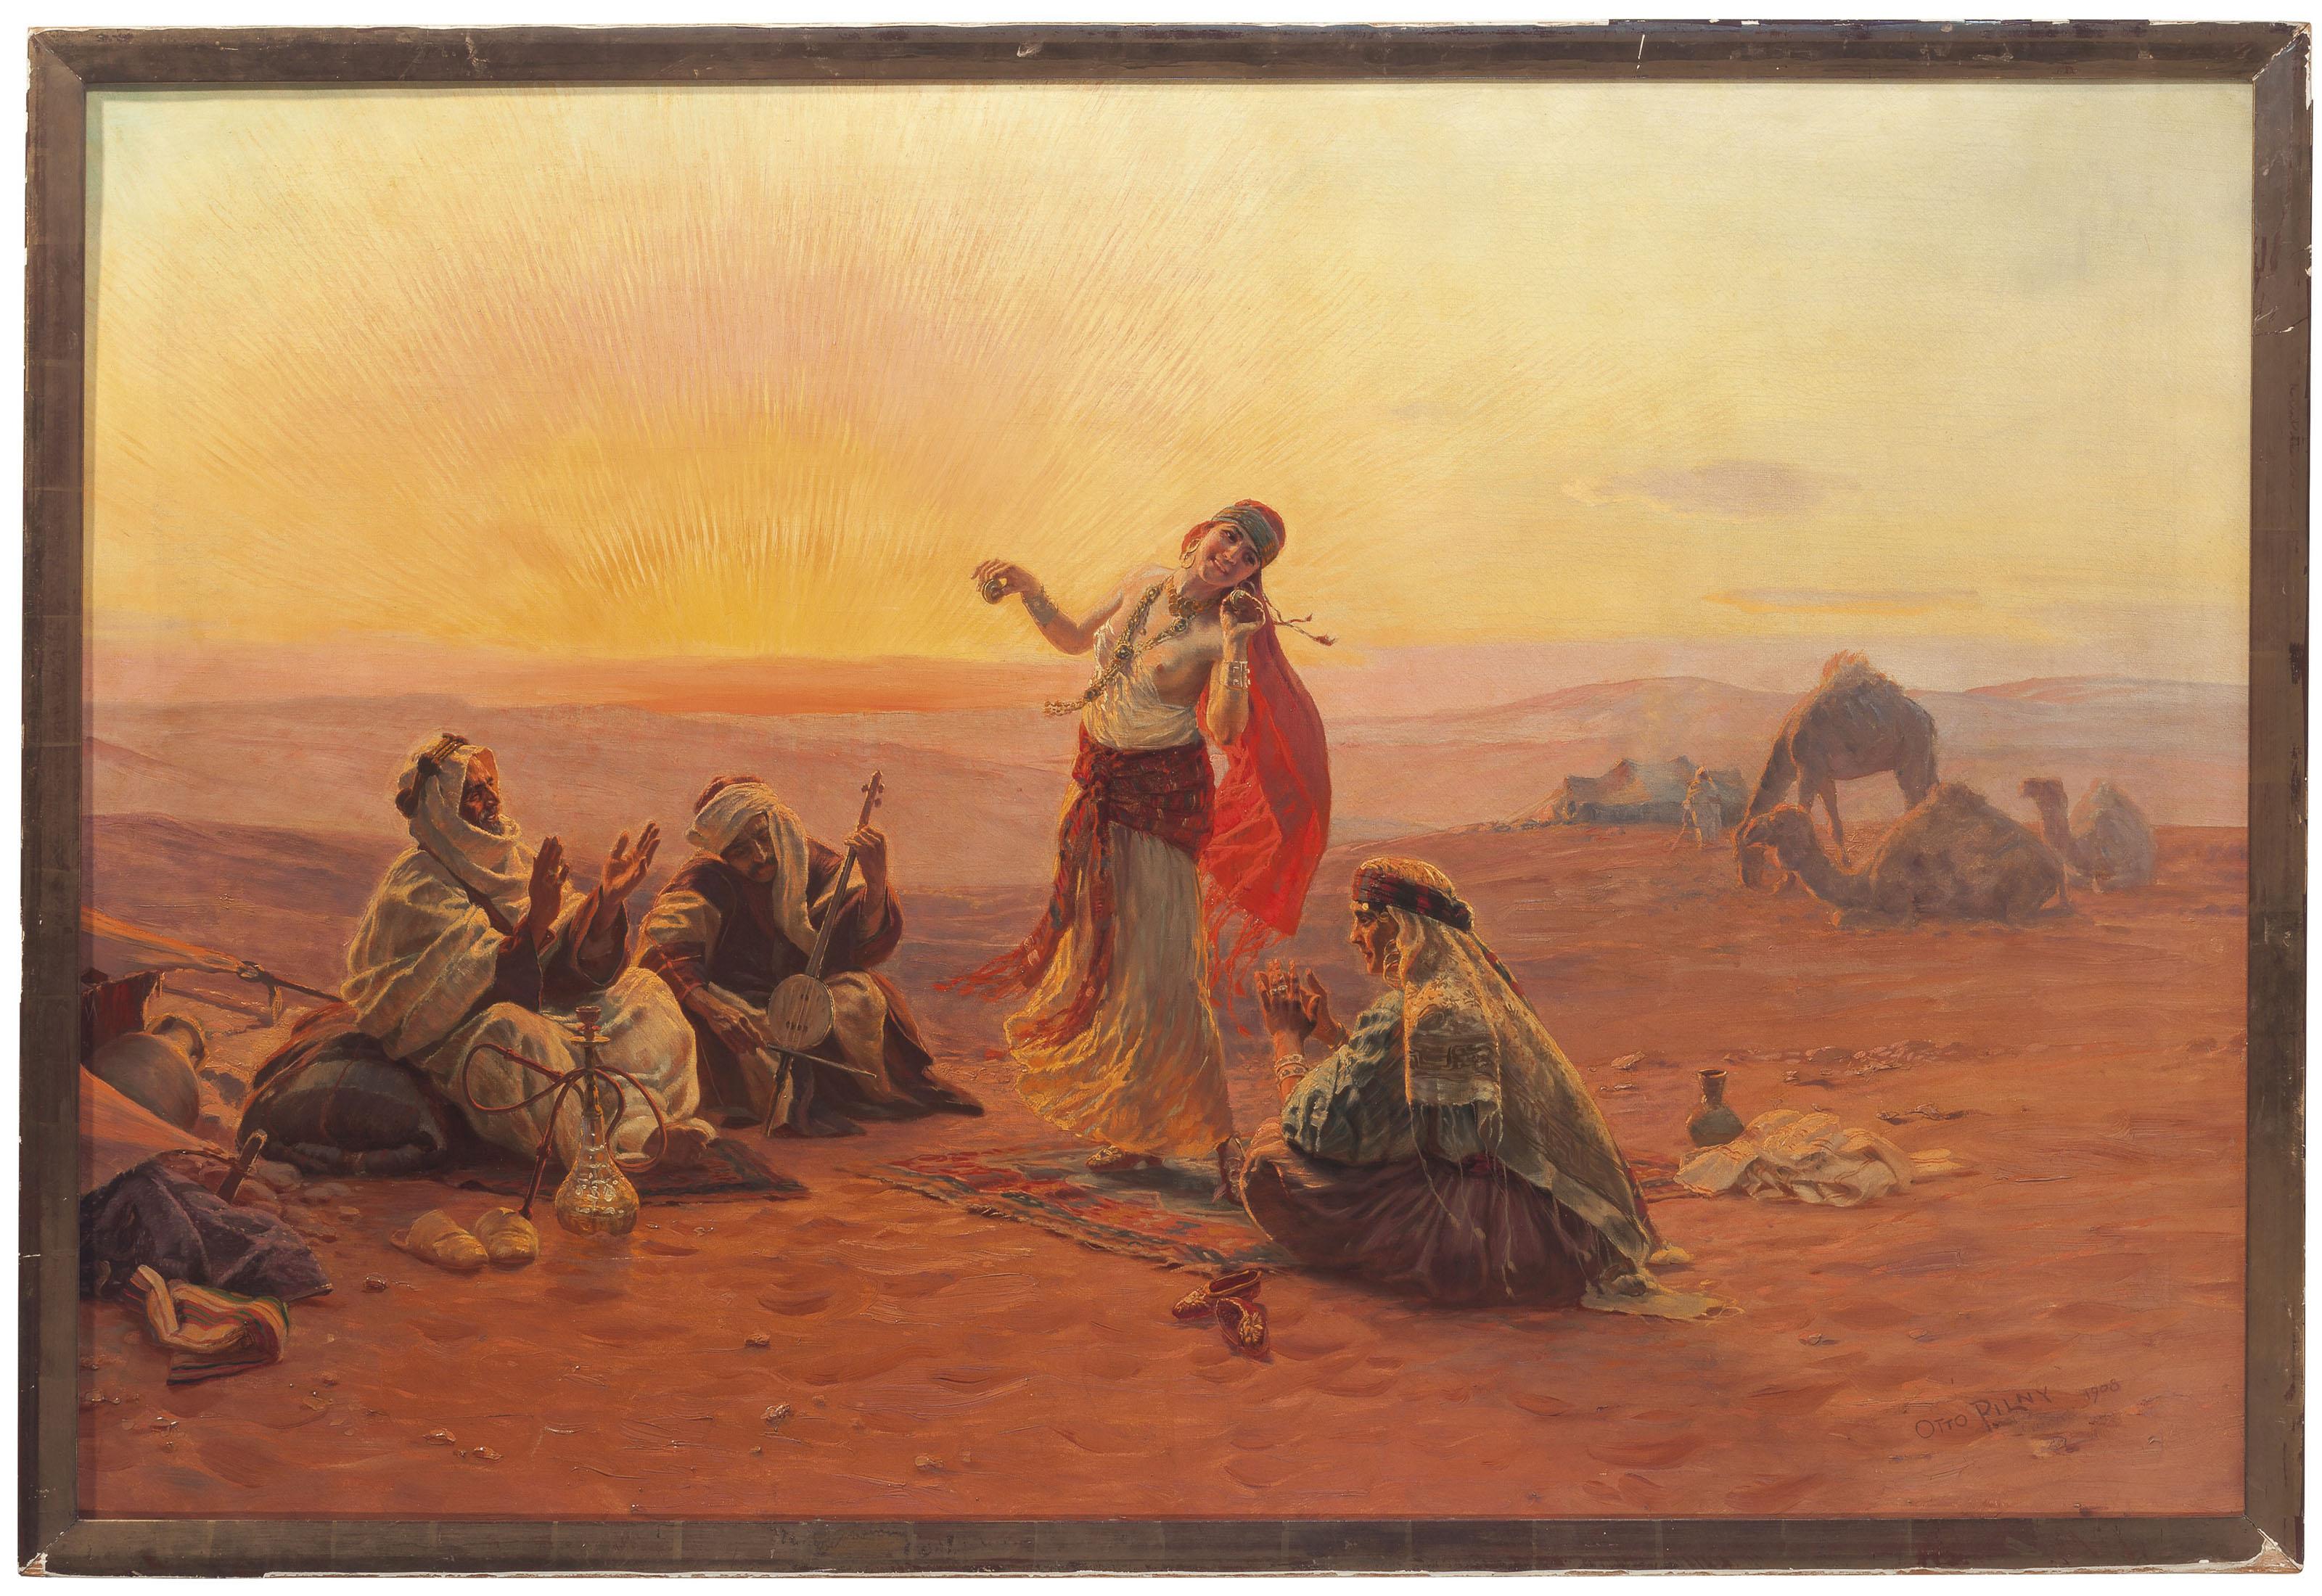 The desert dance